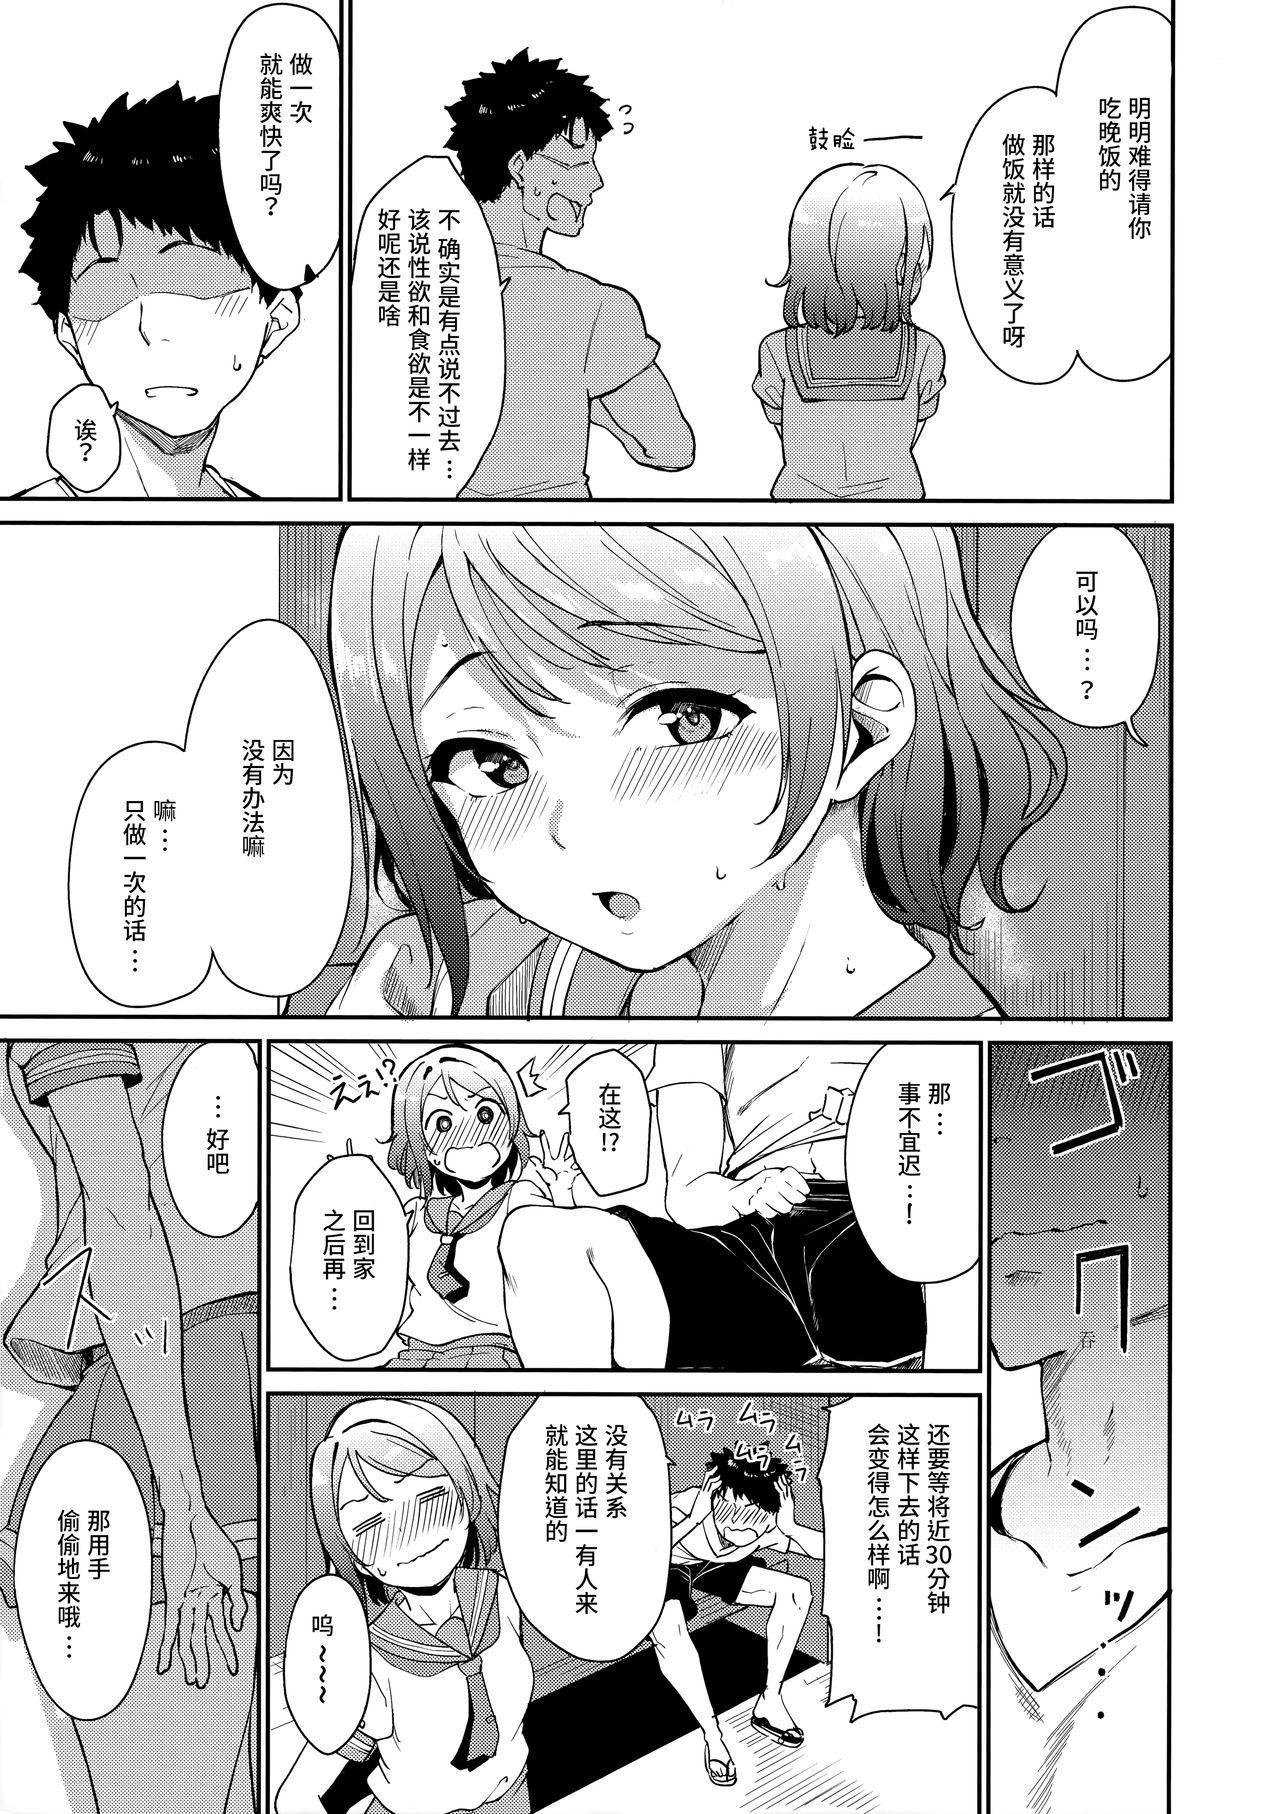 Watanabe no Kyuujitsu 6